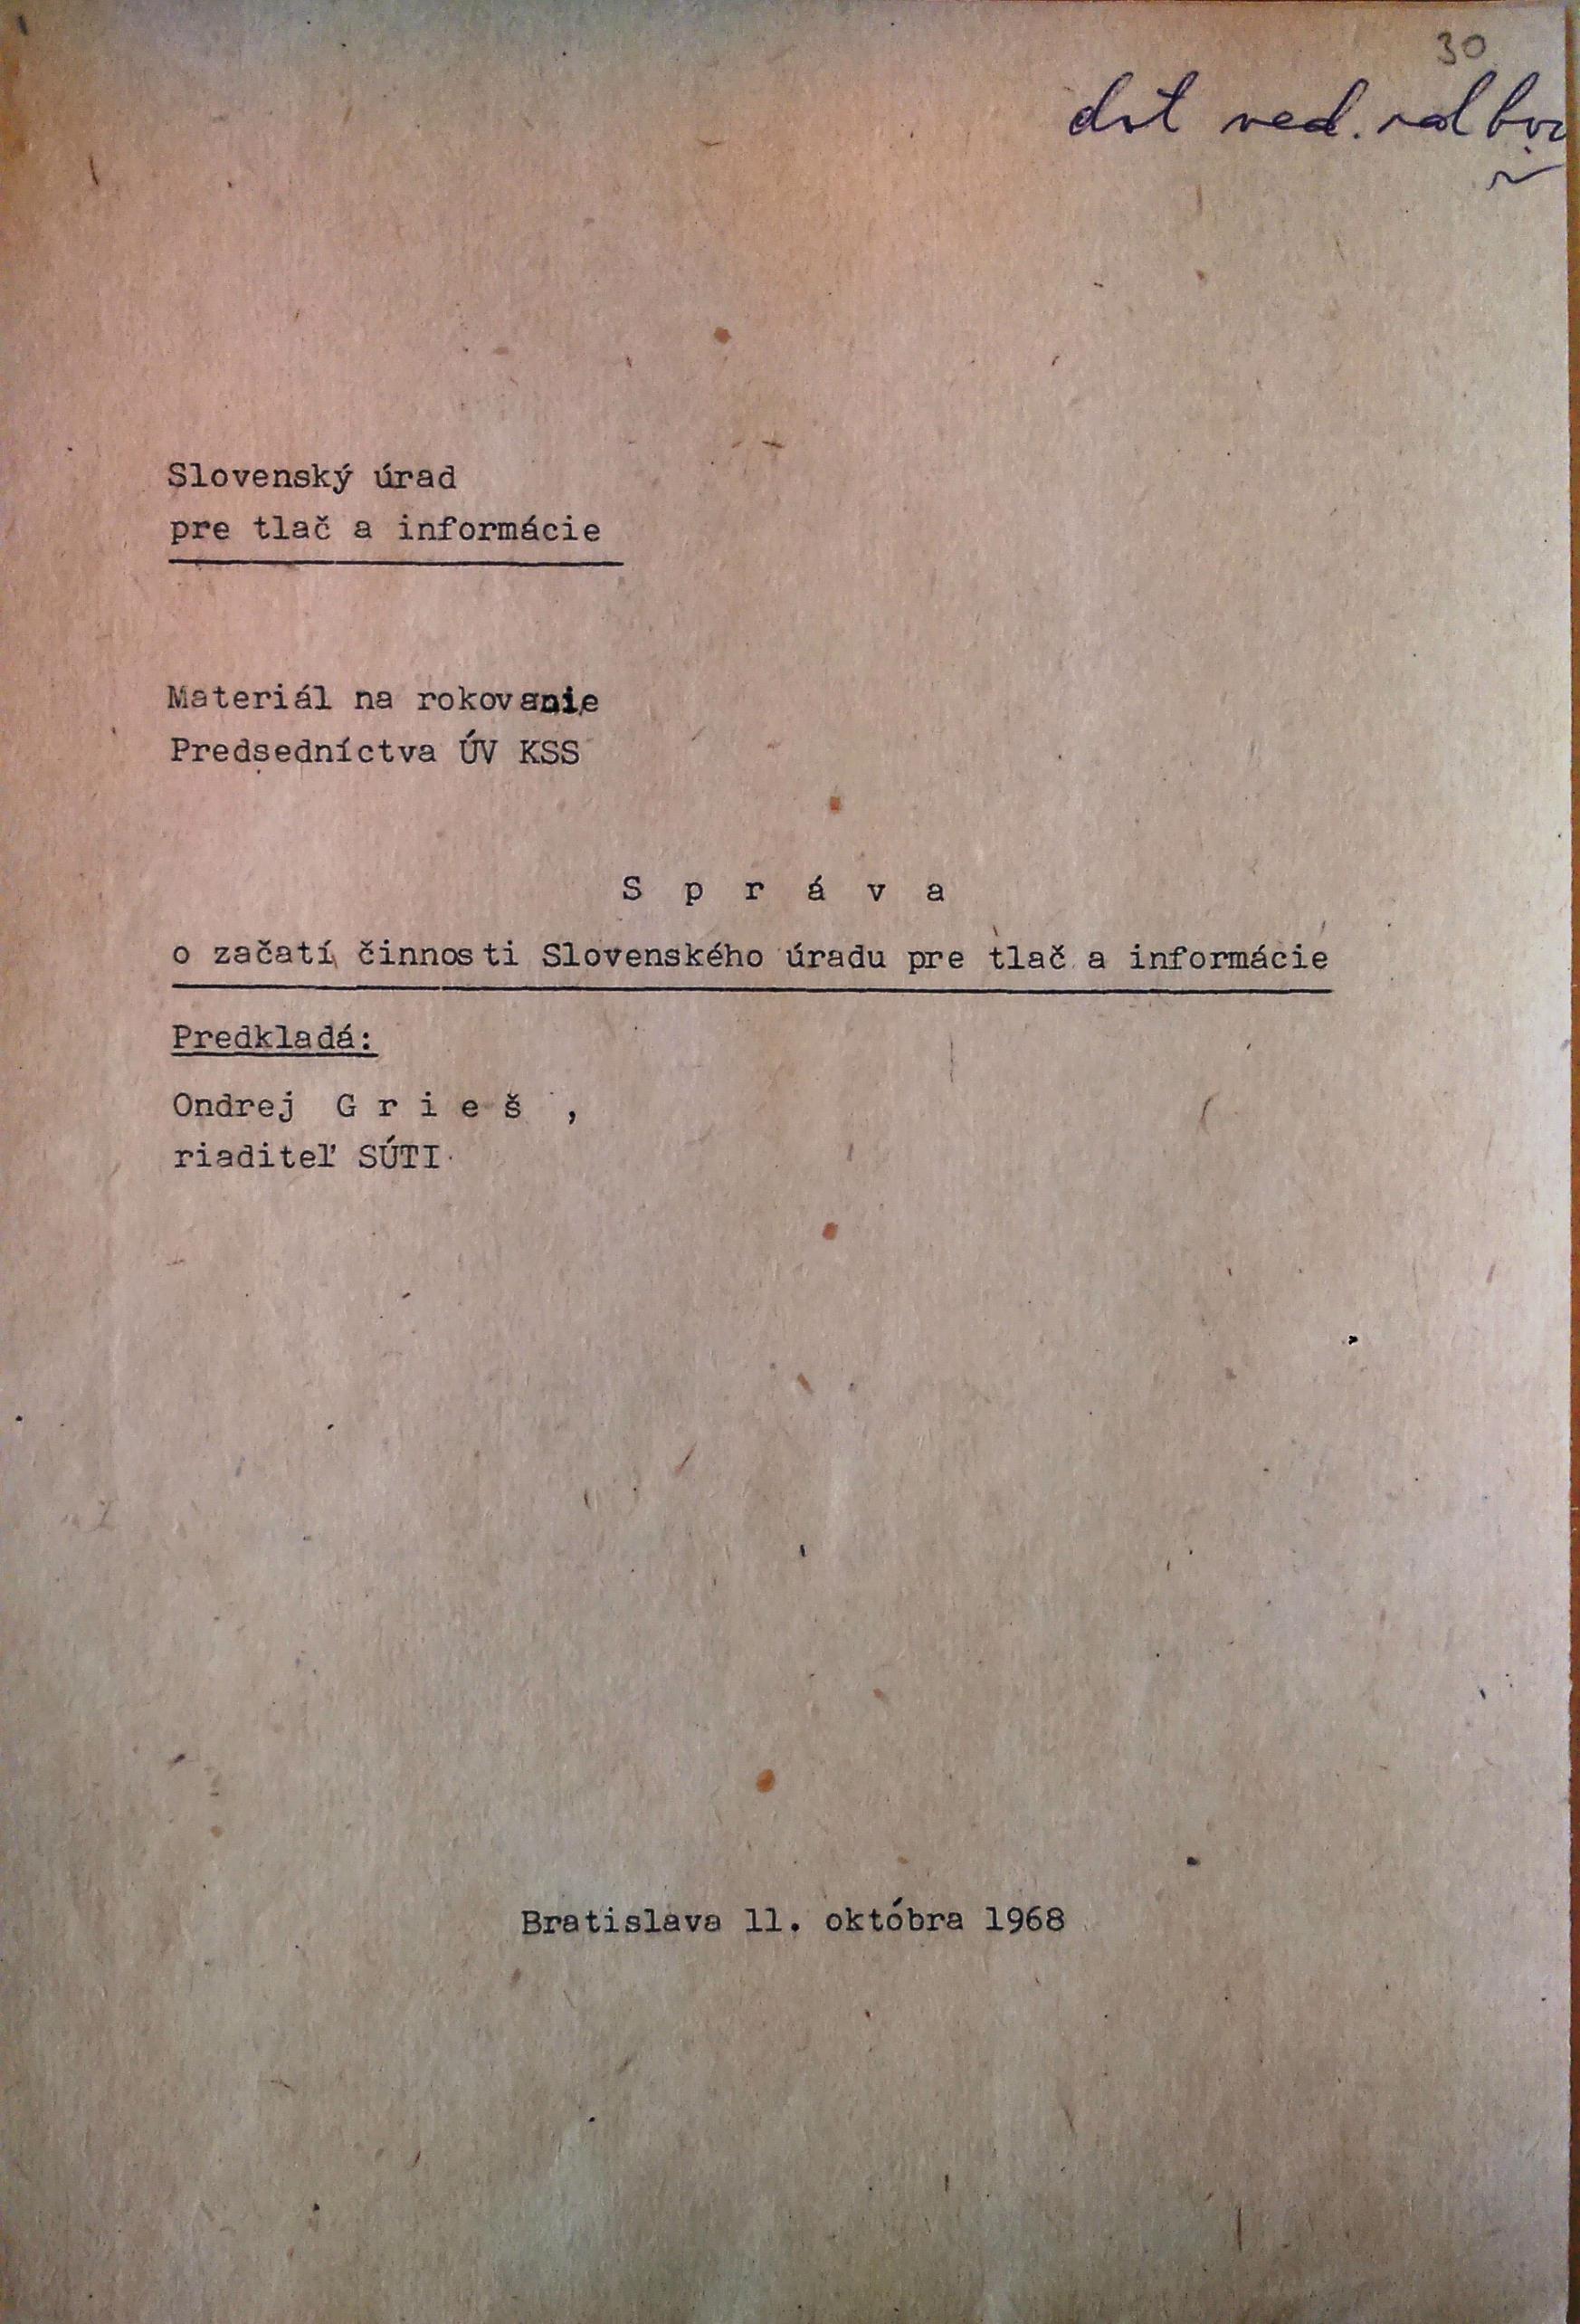 Úvodná strana správy o začiatku činnosti SÚTI v SSR.